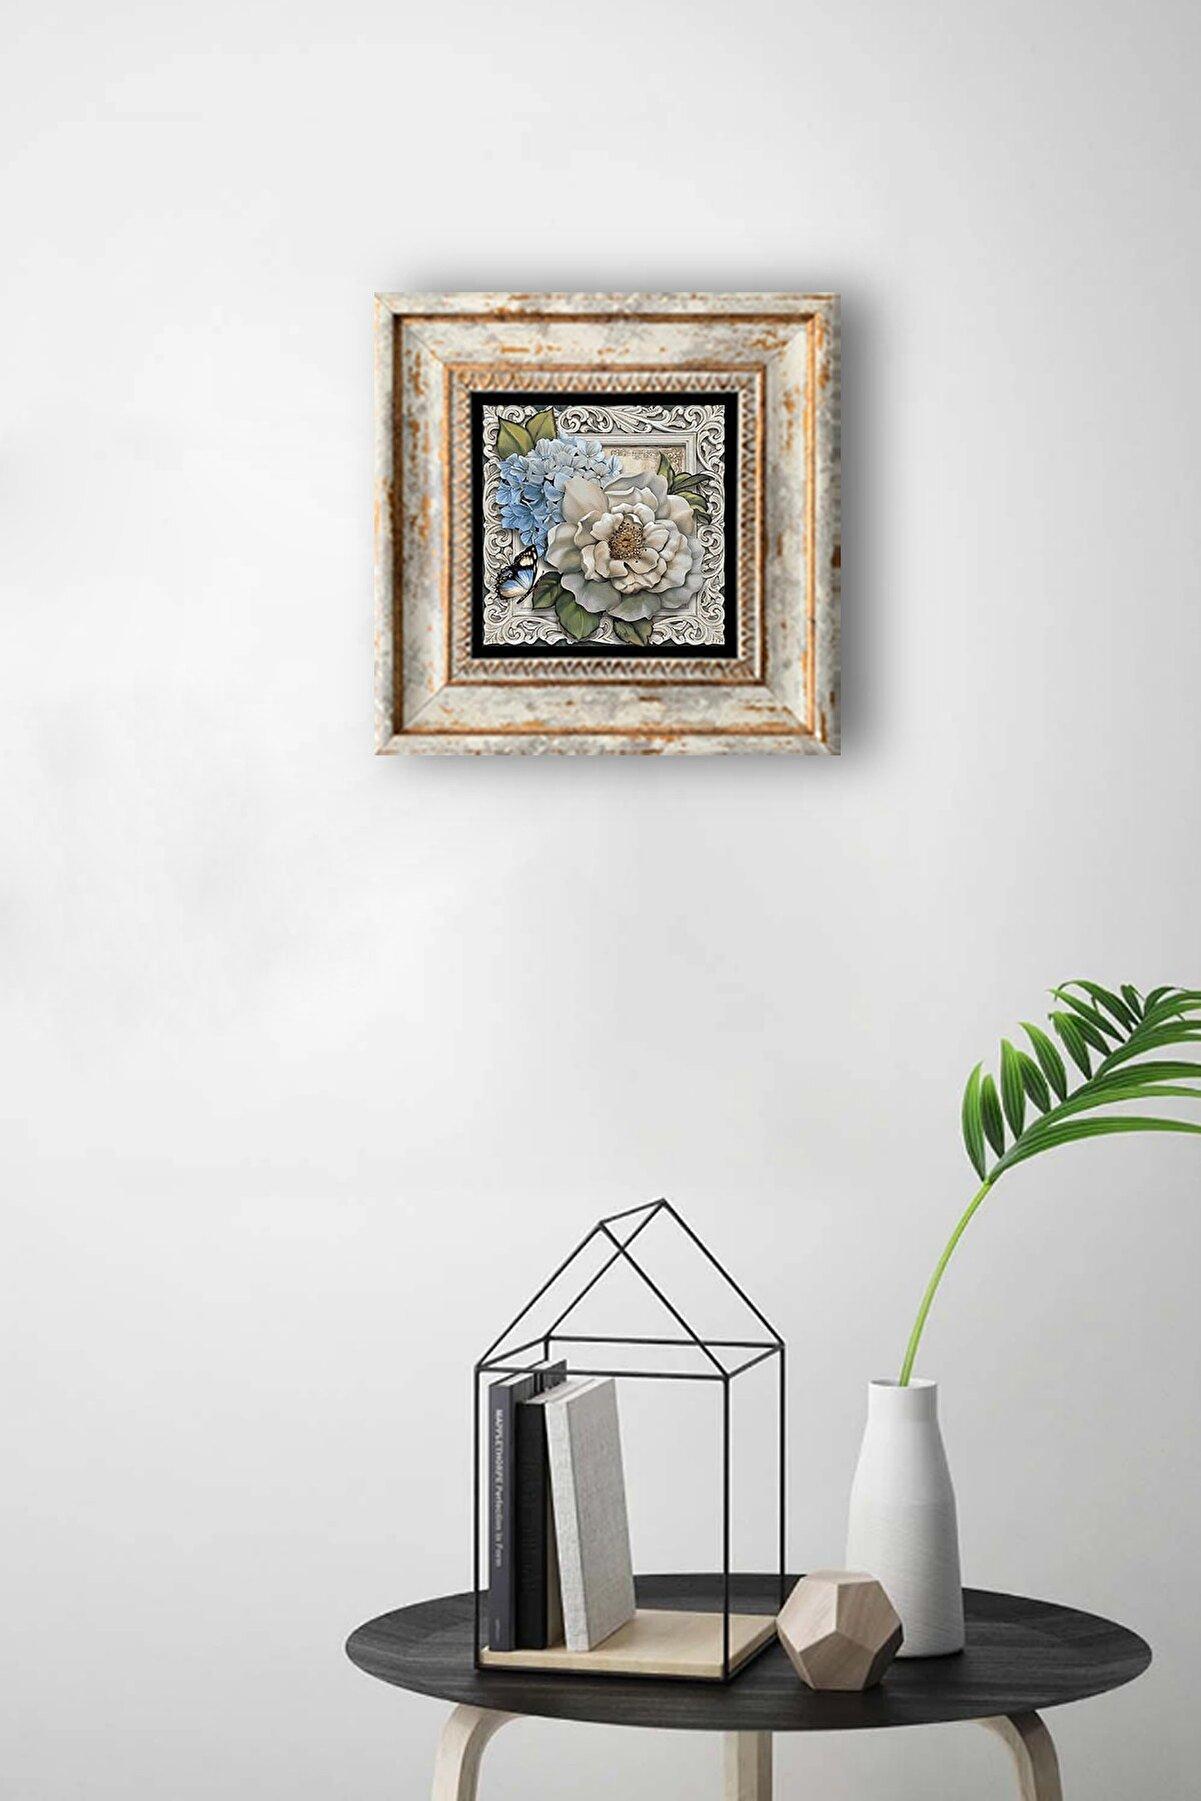 indirimliMis Doğal Taş Tablo Çerçeveli Duvar Dekoru Kelebekli Çiçek Özel Baskılı Pano 20x20 cm Framed Wall Decor